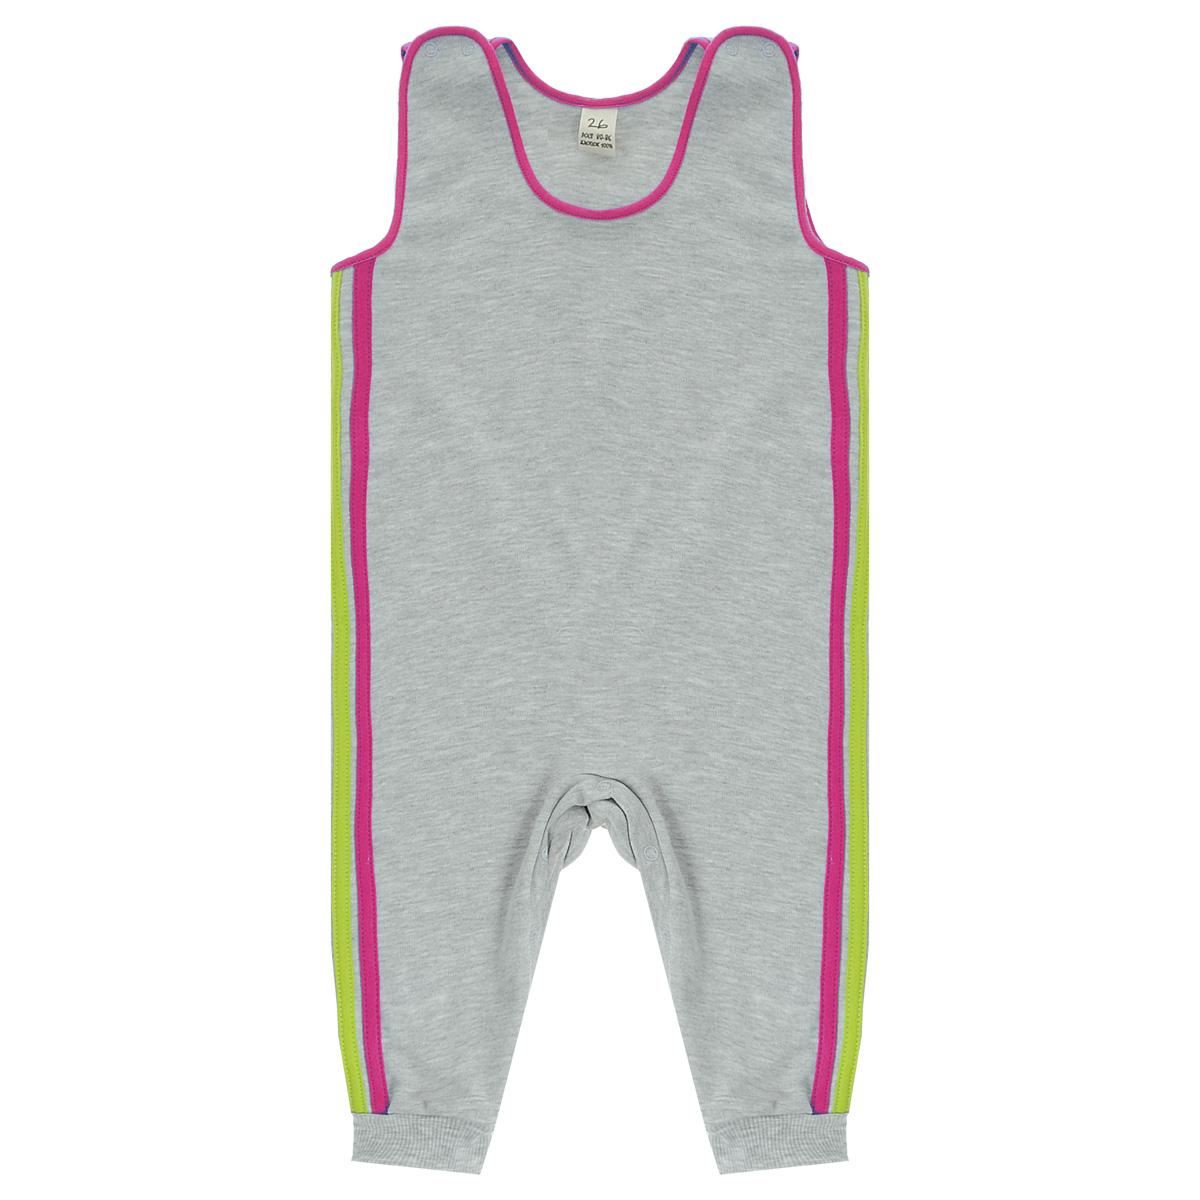 Ползунки с грудкой Lucky Child, цвет: серый, розовый. 1-15. Размер 80/861-15Ползунки с грудкой Lucky Child - очень удобный и практичный вид одежды для малышей. Они отлично сочетаются с футболками и кофточками. Ползунки выполнены из интерлока - натурального хлопка, благодаря чему они необычайно мягкие и приятные на ощупь, не раздражают нежную кожу ребенка и хорошо вентилируются, а эластичные швы приятны телу малыша и не препятствуют его движениям. Ползунки без ножек, застегивающиеся сверху на кнопки, идеально подойдут вашему малышу, обеспечивая ему наибольший комфорт, подходят для ношения с подгузником и без него. Кнопки на ластовице помогают легко и без труда поменять подгузник в течение дня. Отделкой служат лампасы контрастного цвета по боковому шву.Ползунки с грудкой полностью соответствуют особенностям жизни малыша в ранний период, не стесняя и не ограничивая его в движениях!